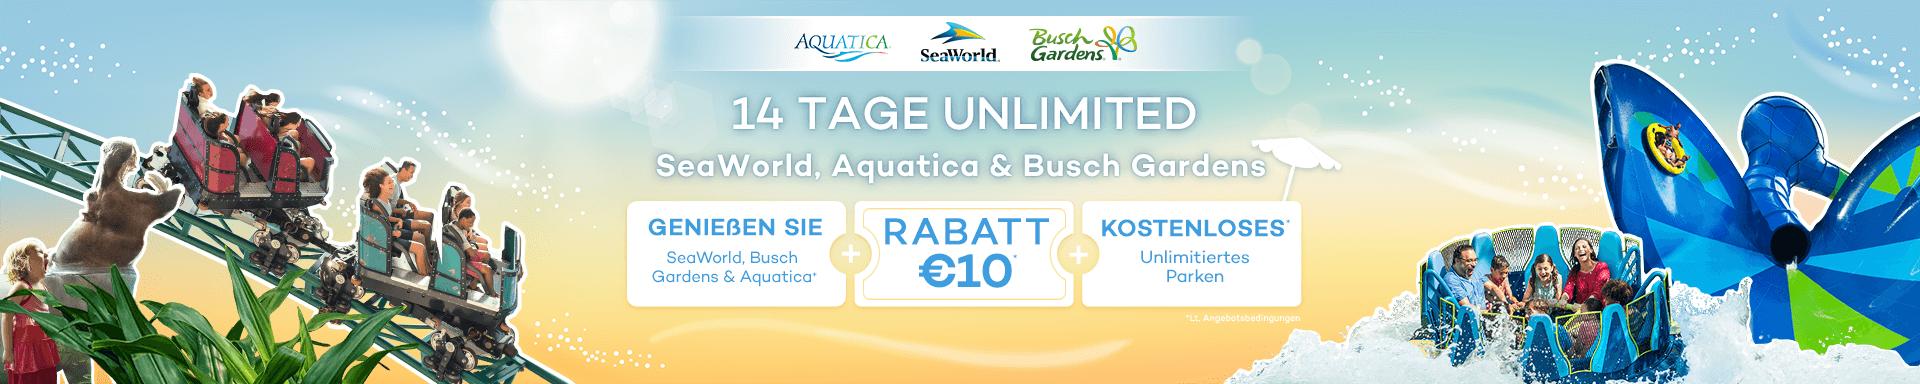 14 Tage Eintritt + €10 Rabatt + GRATIS Parken